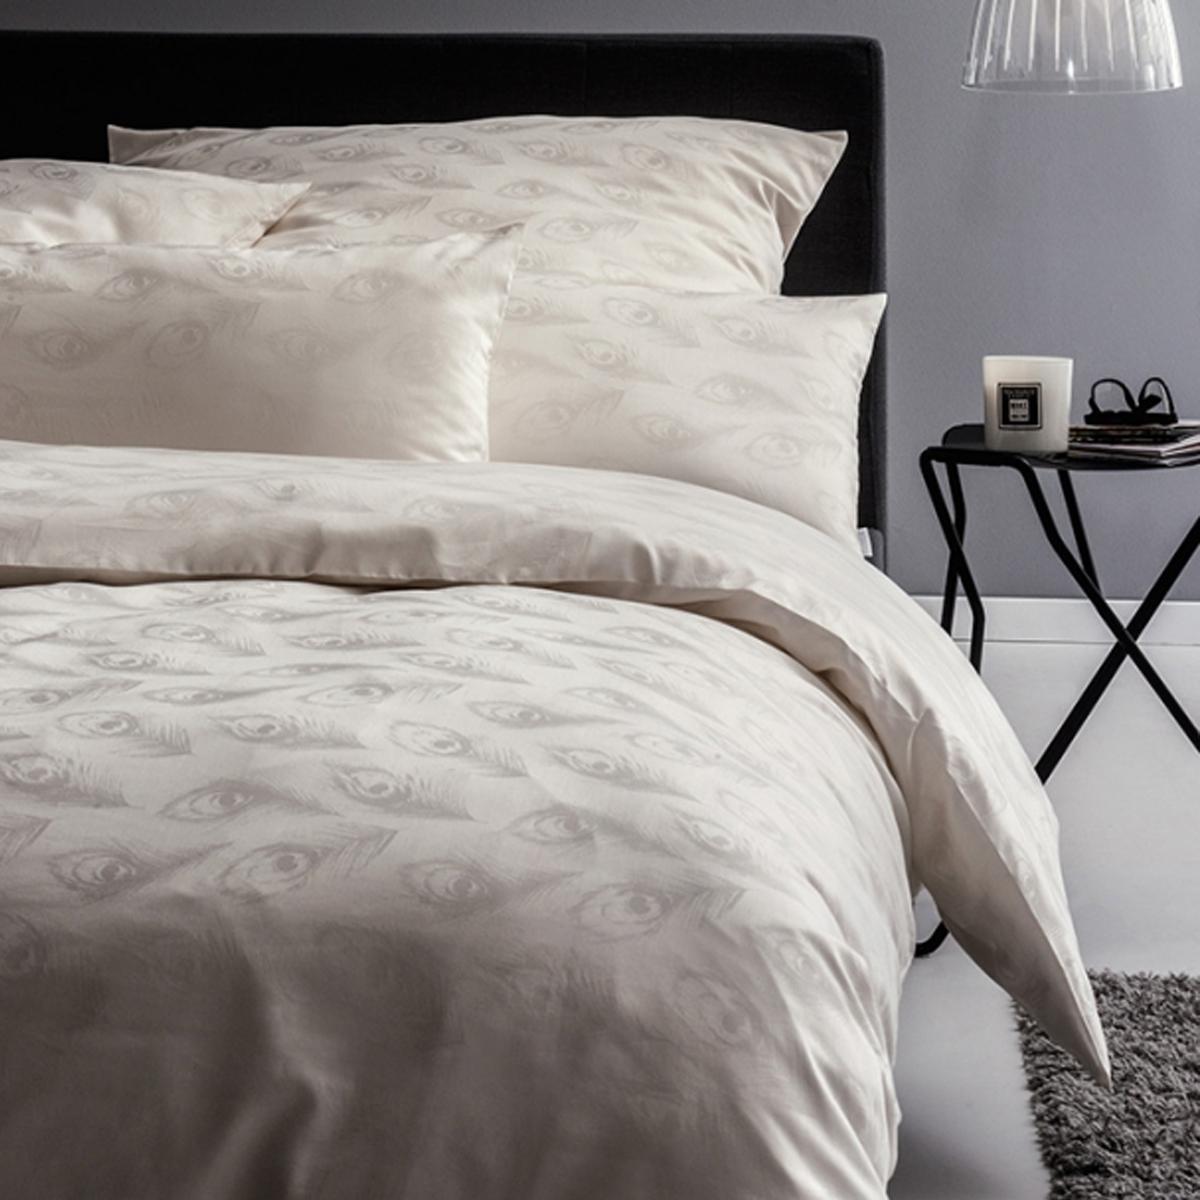 was ist damast bettw sche wand im schlafzimmer gestalten luttermann essen lattenroste. Black Bedroom Furniture Sets. Home Design Ideas